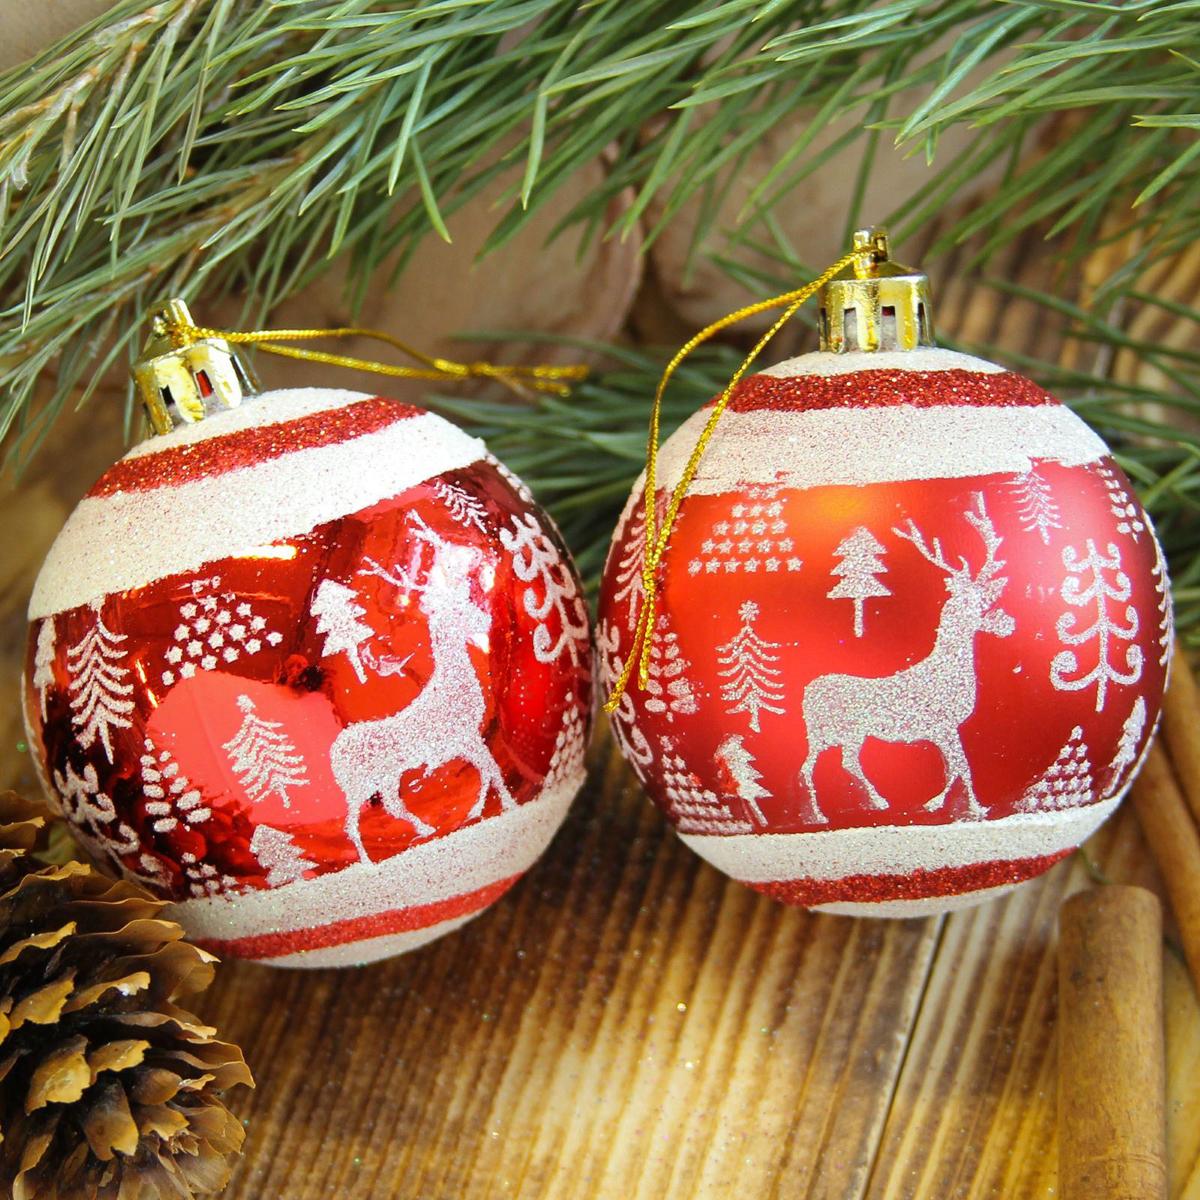 Набор новогодних подвесных украшений Sima-land Скандинавия, диаметр 6 см, 8 шт2122930Набор новогодних подвесных украшений Sima-land отлично подойдет для декорации вашего дома и новогодней ели. С помощью специальной петельки украшение можно повесить в любом понравившемся вам месте. Но, конечно, удачнее всего оно будет смотреться на праздничной елке. Елочная игрушка - символ Нового года. Она несет в себе волшебство и красоту праздника. Создайте в своем доме атмосферу веселья и радости, украшая новогоднюю елку нарядными игрушками, которые будут из года в год накапливать теплоту воспоминаний.